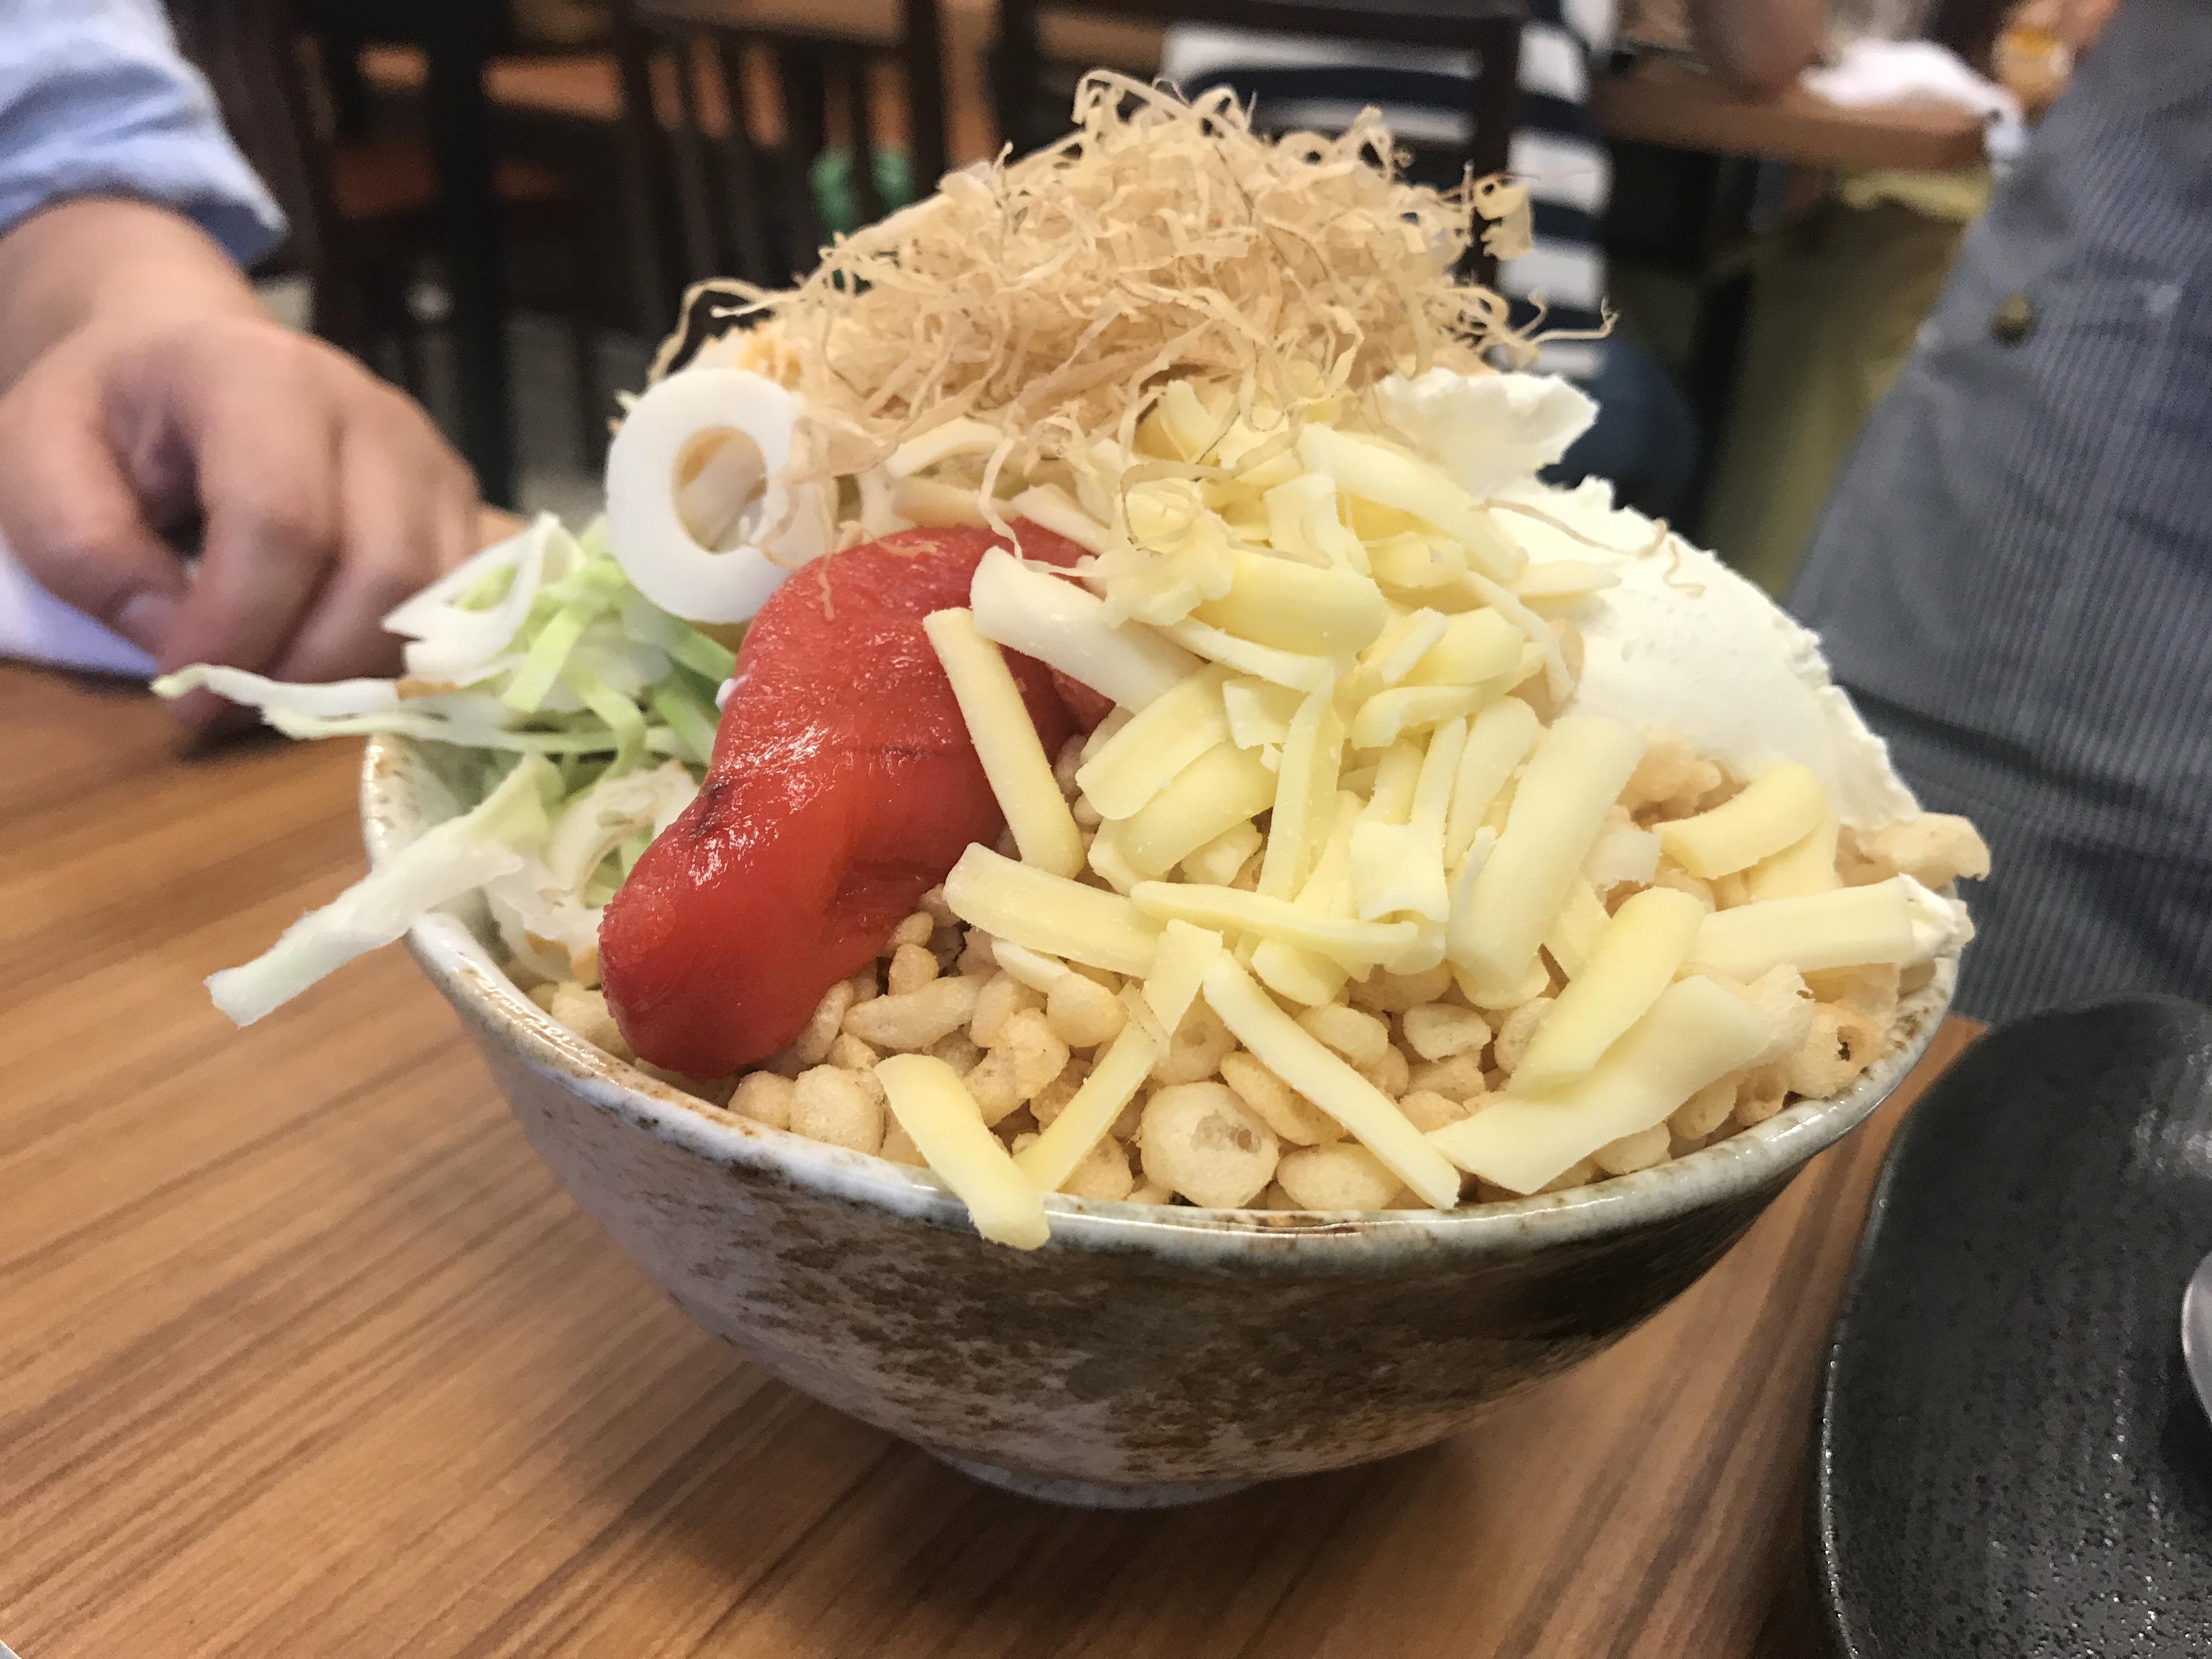 【ニューオープン】一乗寺にもんじゃ焼きのお店が誕生!